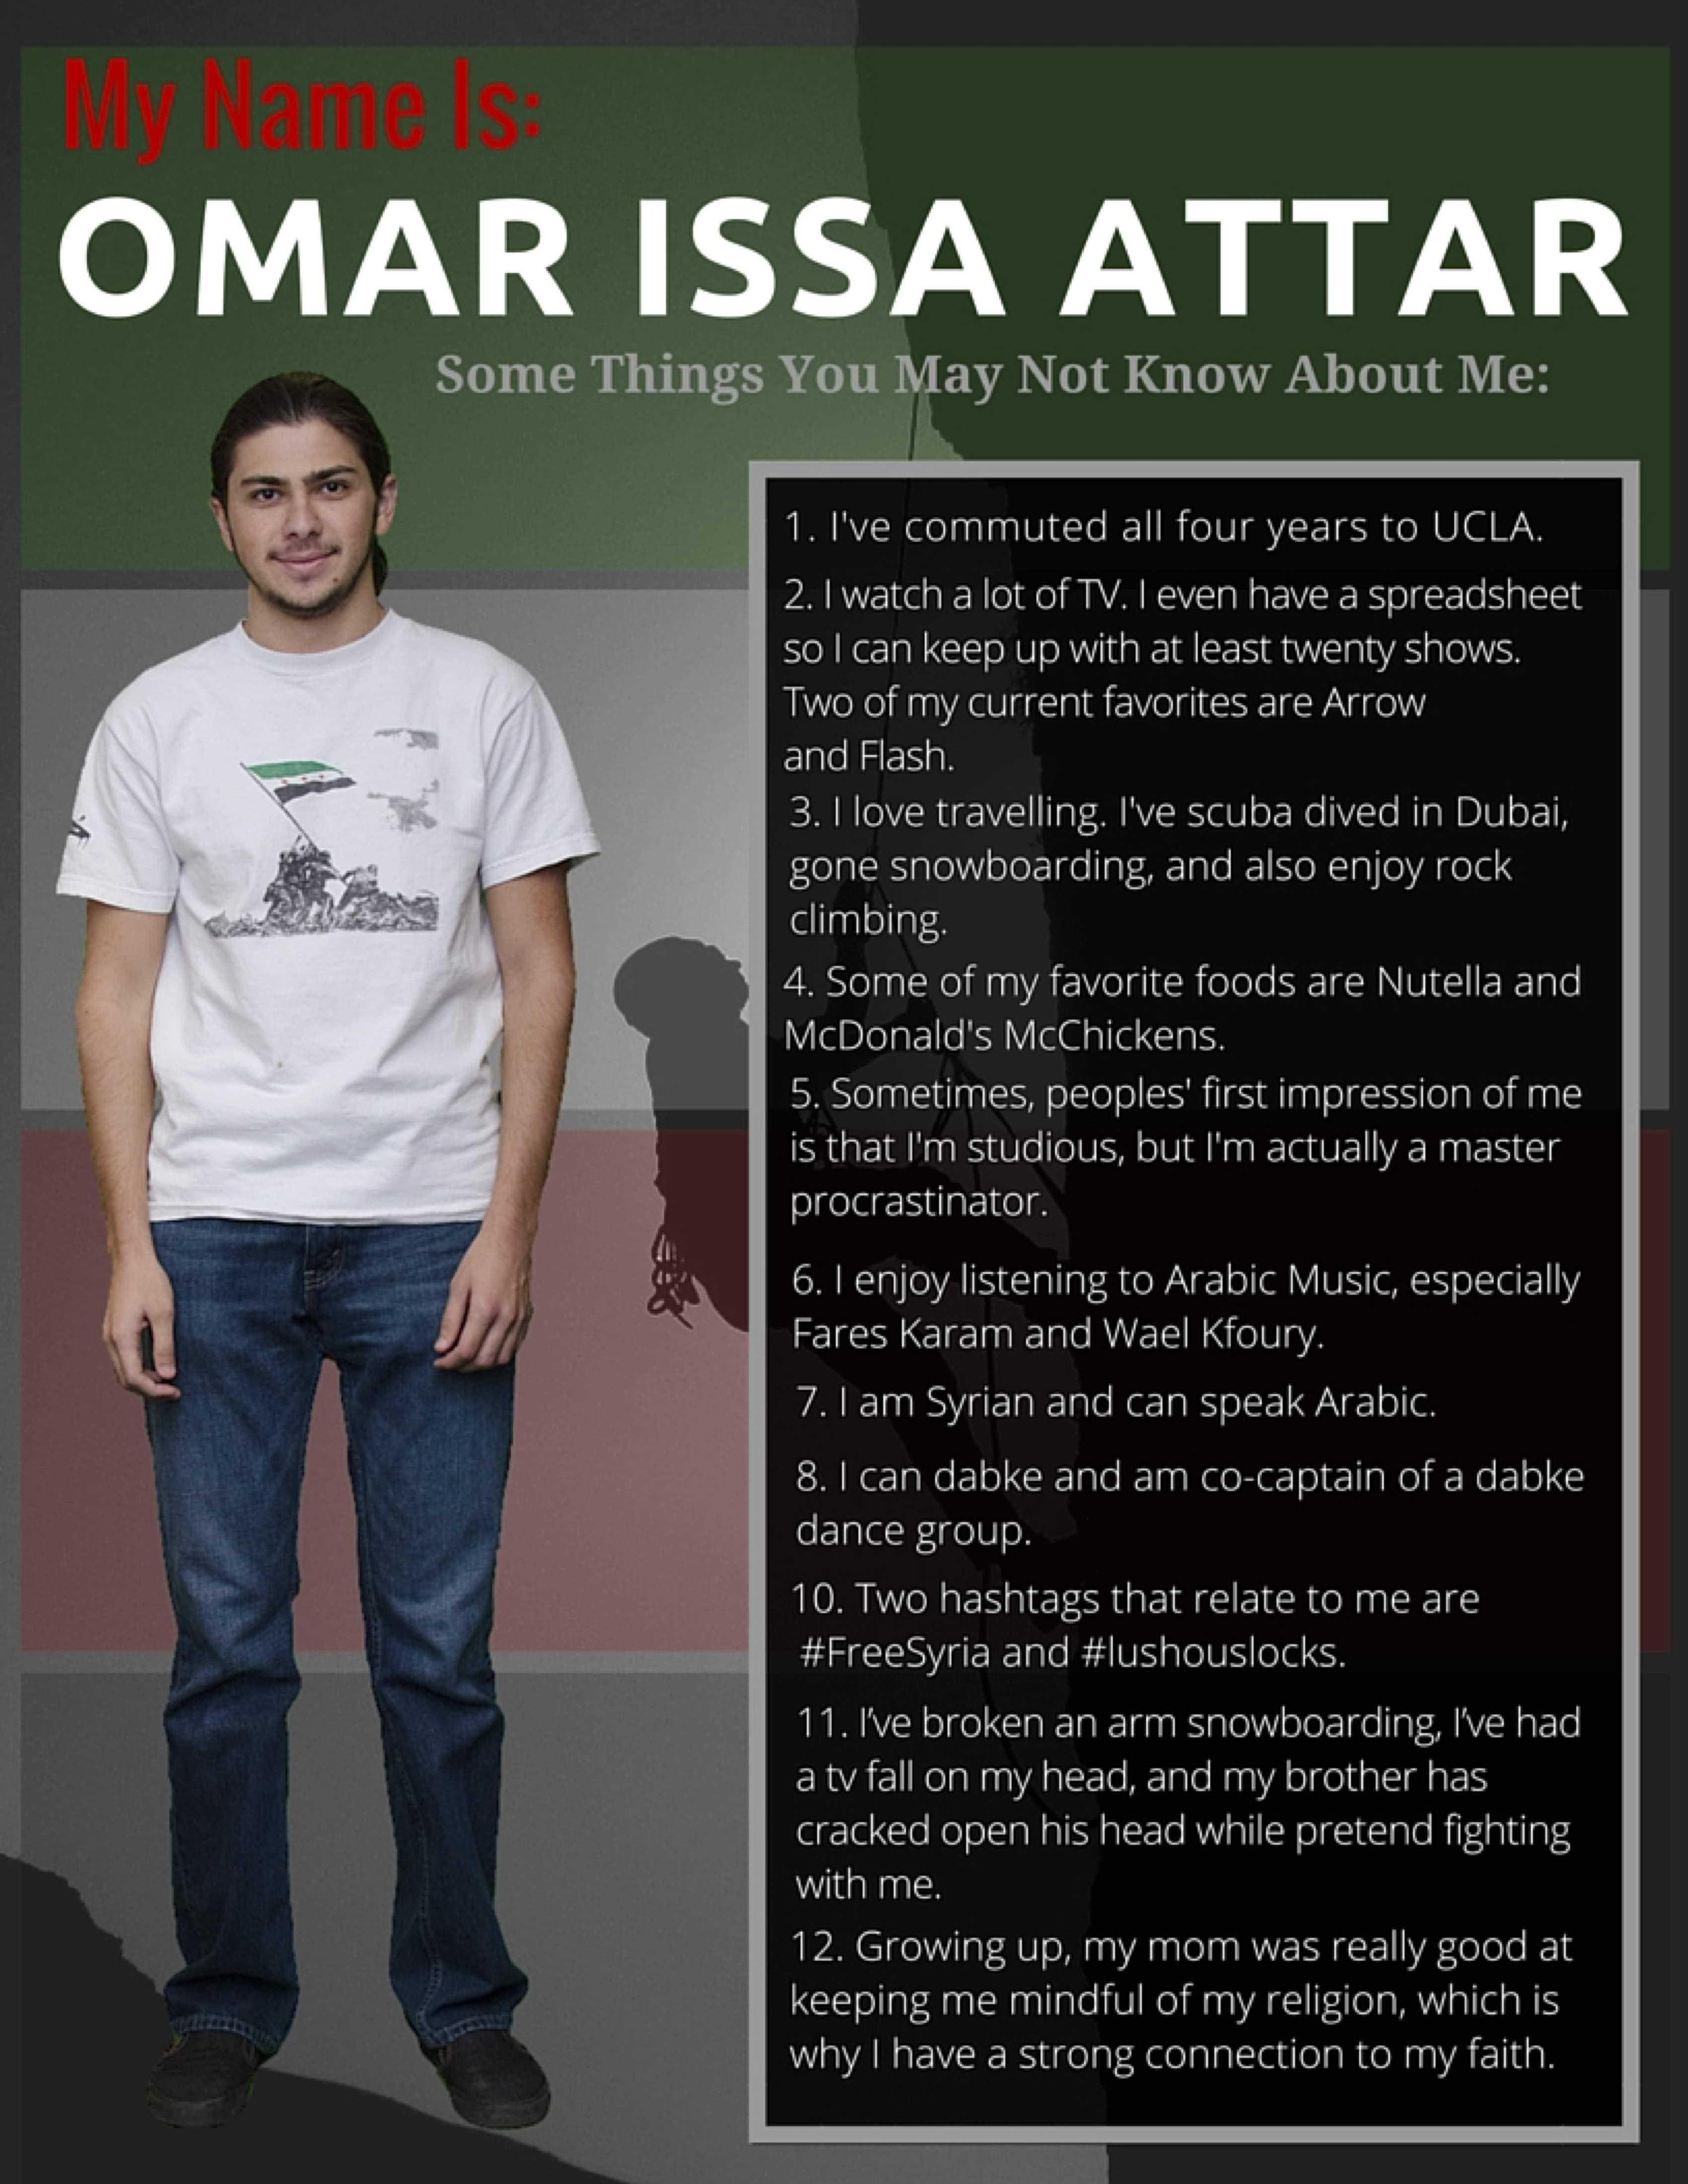 Omar Issa Attar